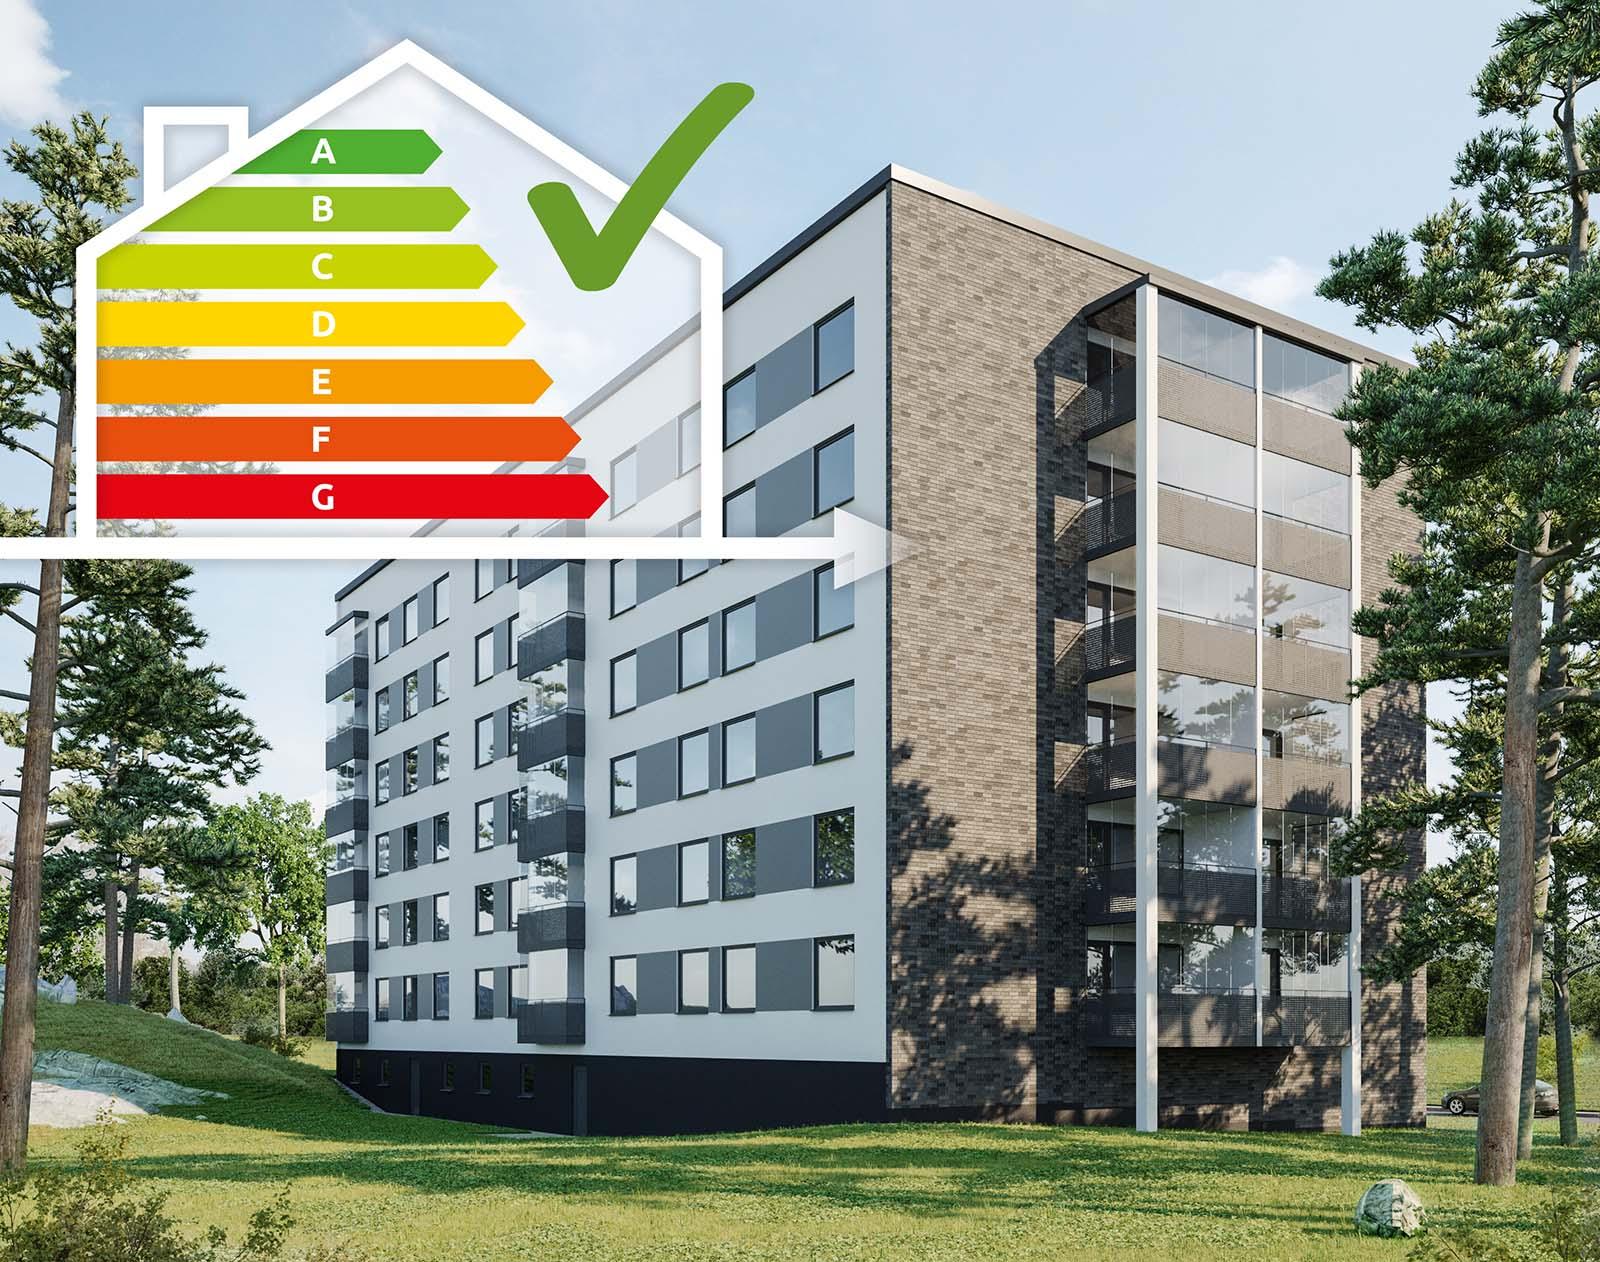 Brf Fogdetorp valde energieffektivisering med SmartFront-metoden.